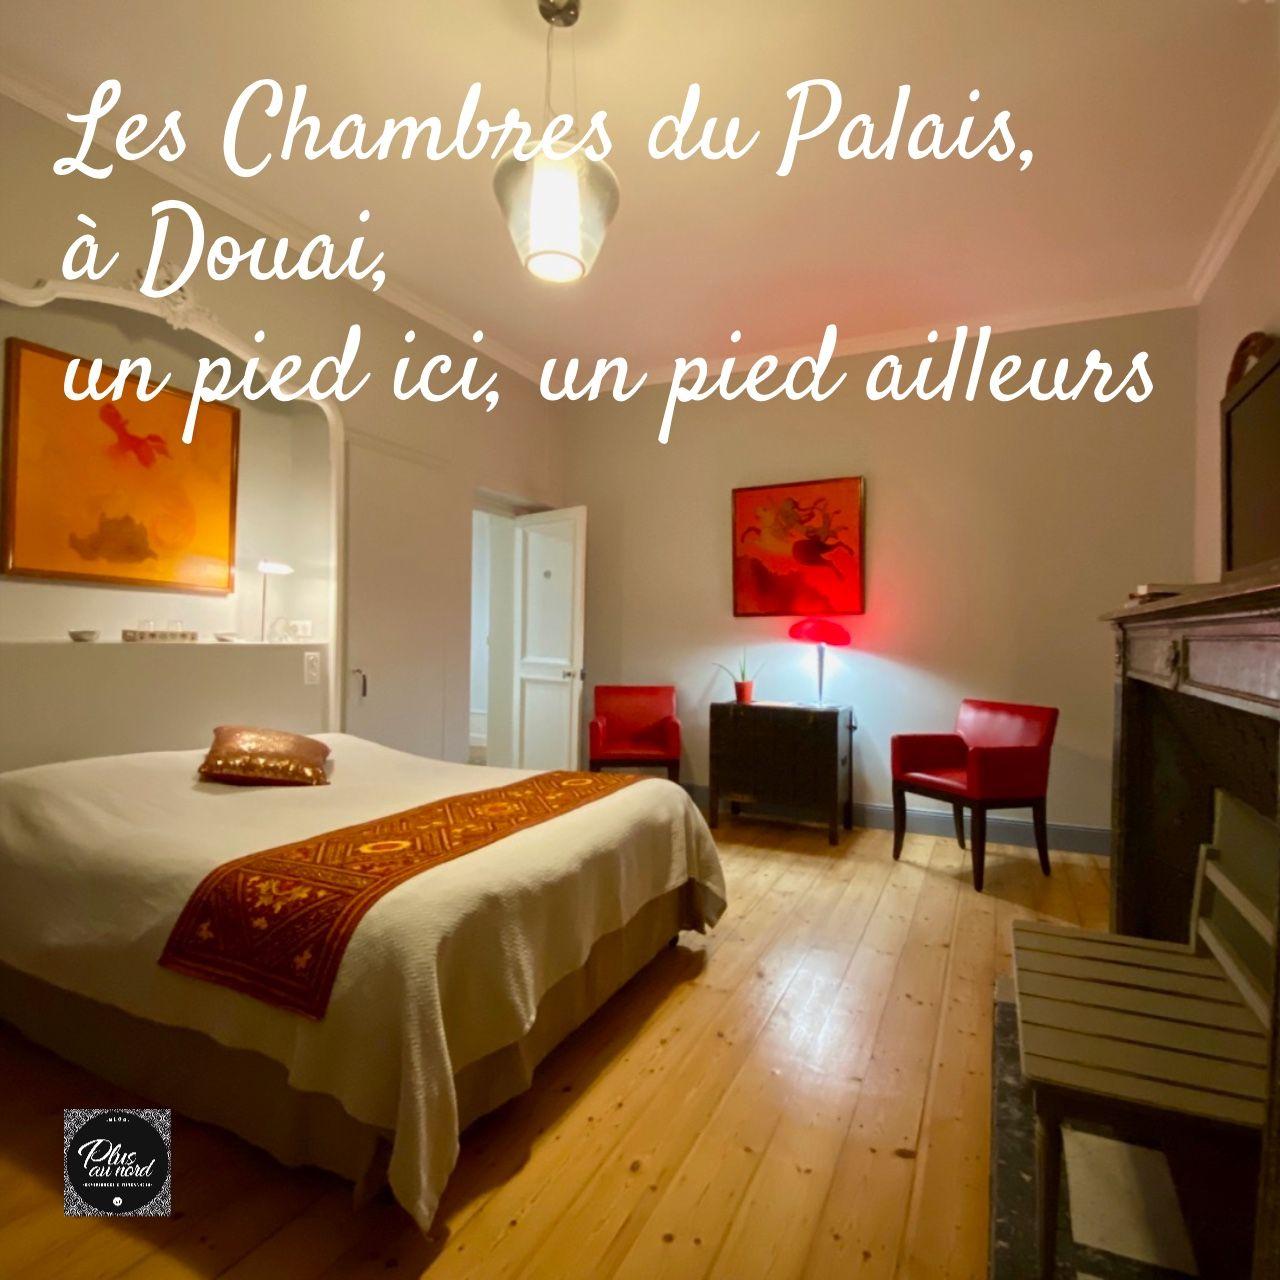 Les Chambres Du Palais A Douai Un Pied Ici Un Pied Ailleurs En 2020 Maison D Hotes Decoration Maison Maison